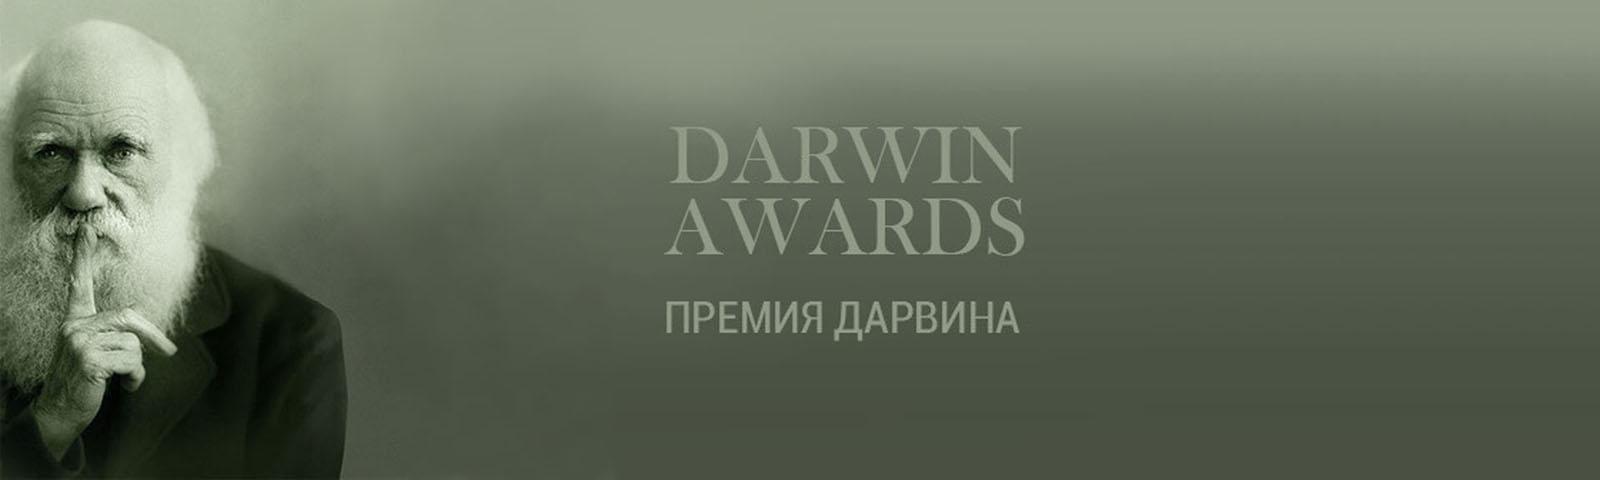 Премия дарвина-2012 - самые нелепые смерти года | хронотон